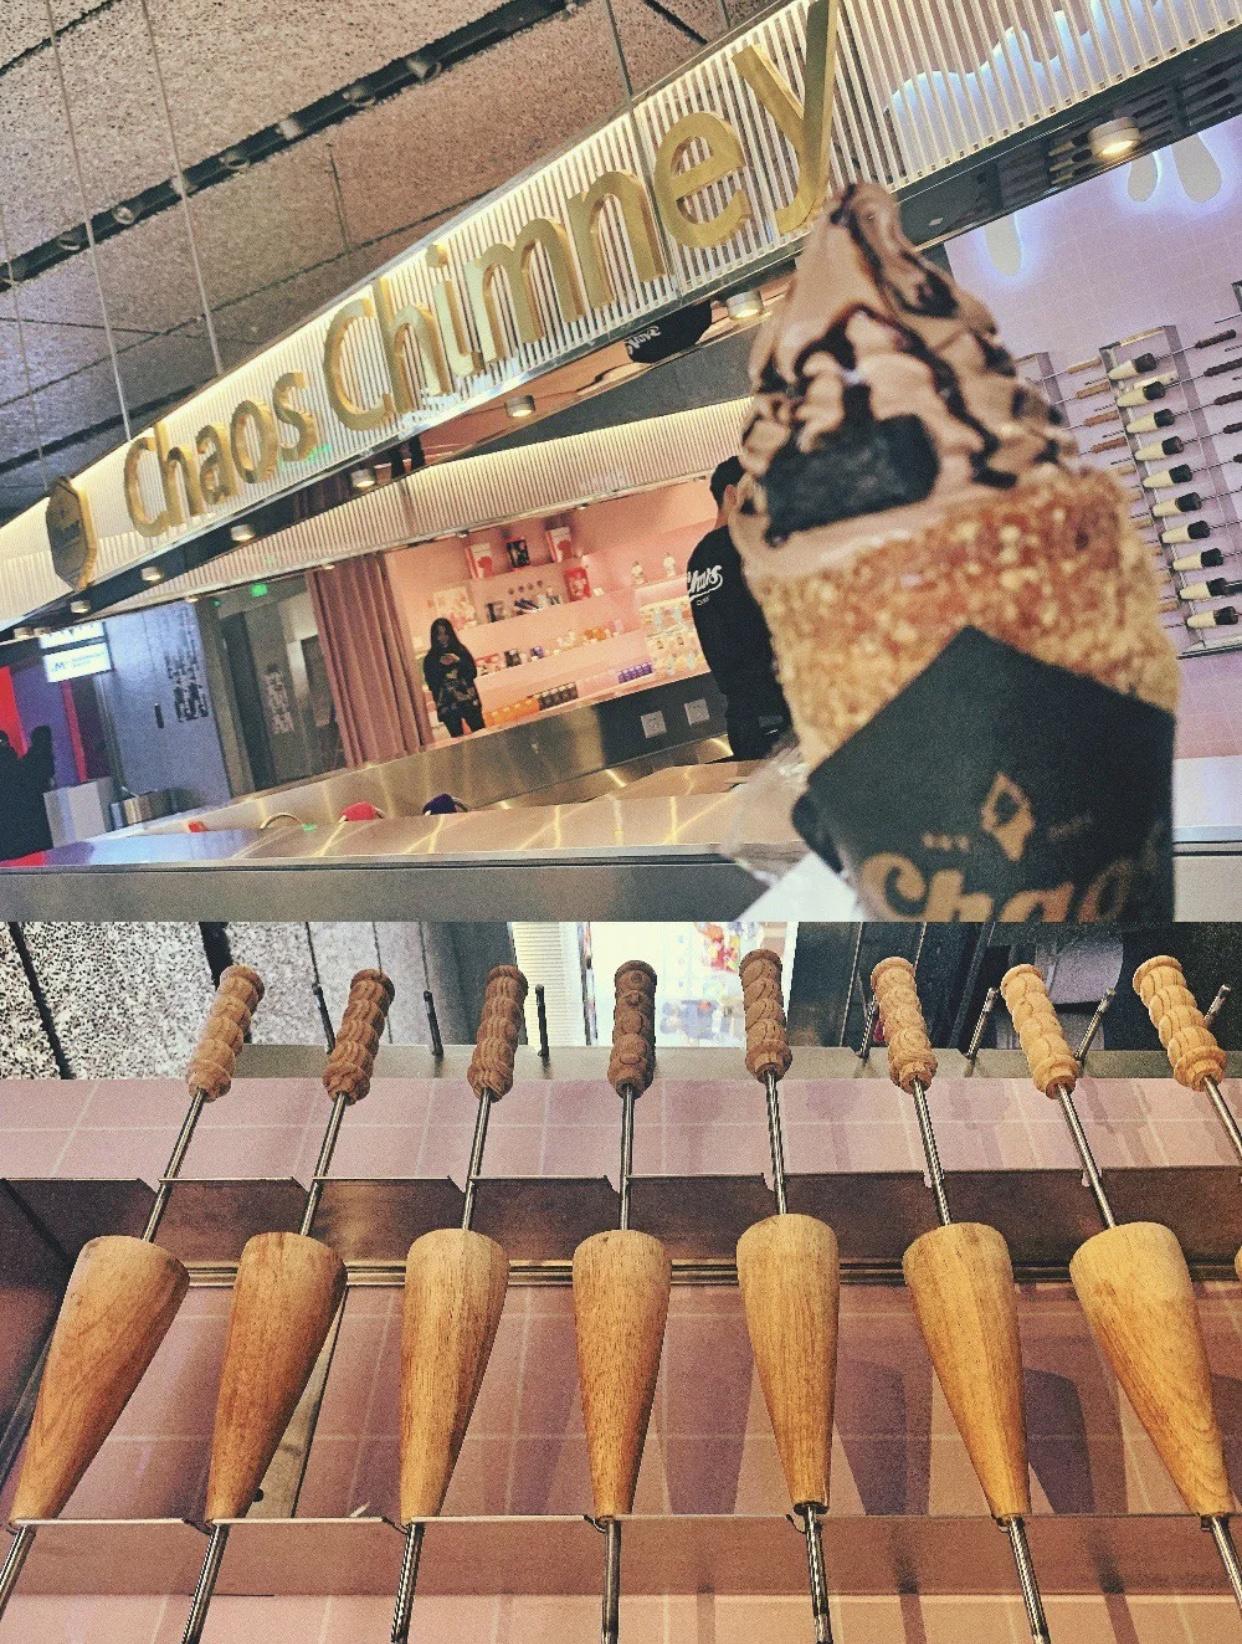 新店│来商场尝一尝烟囱卷冰淇淋,给你一份冬日的甜蜜图片